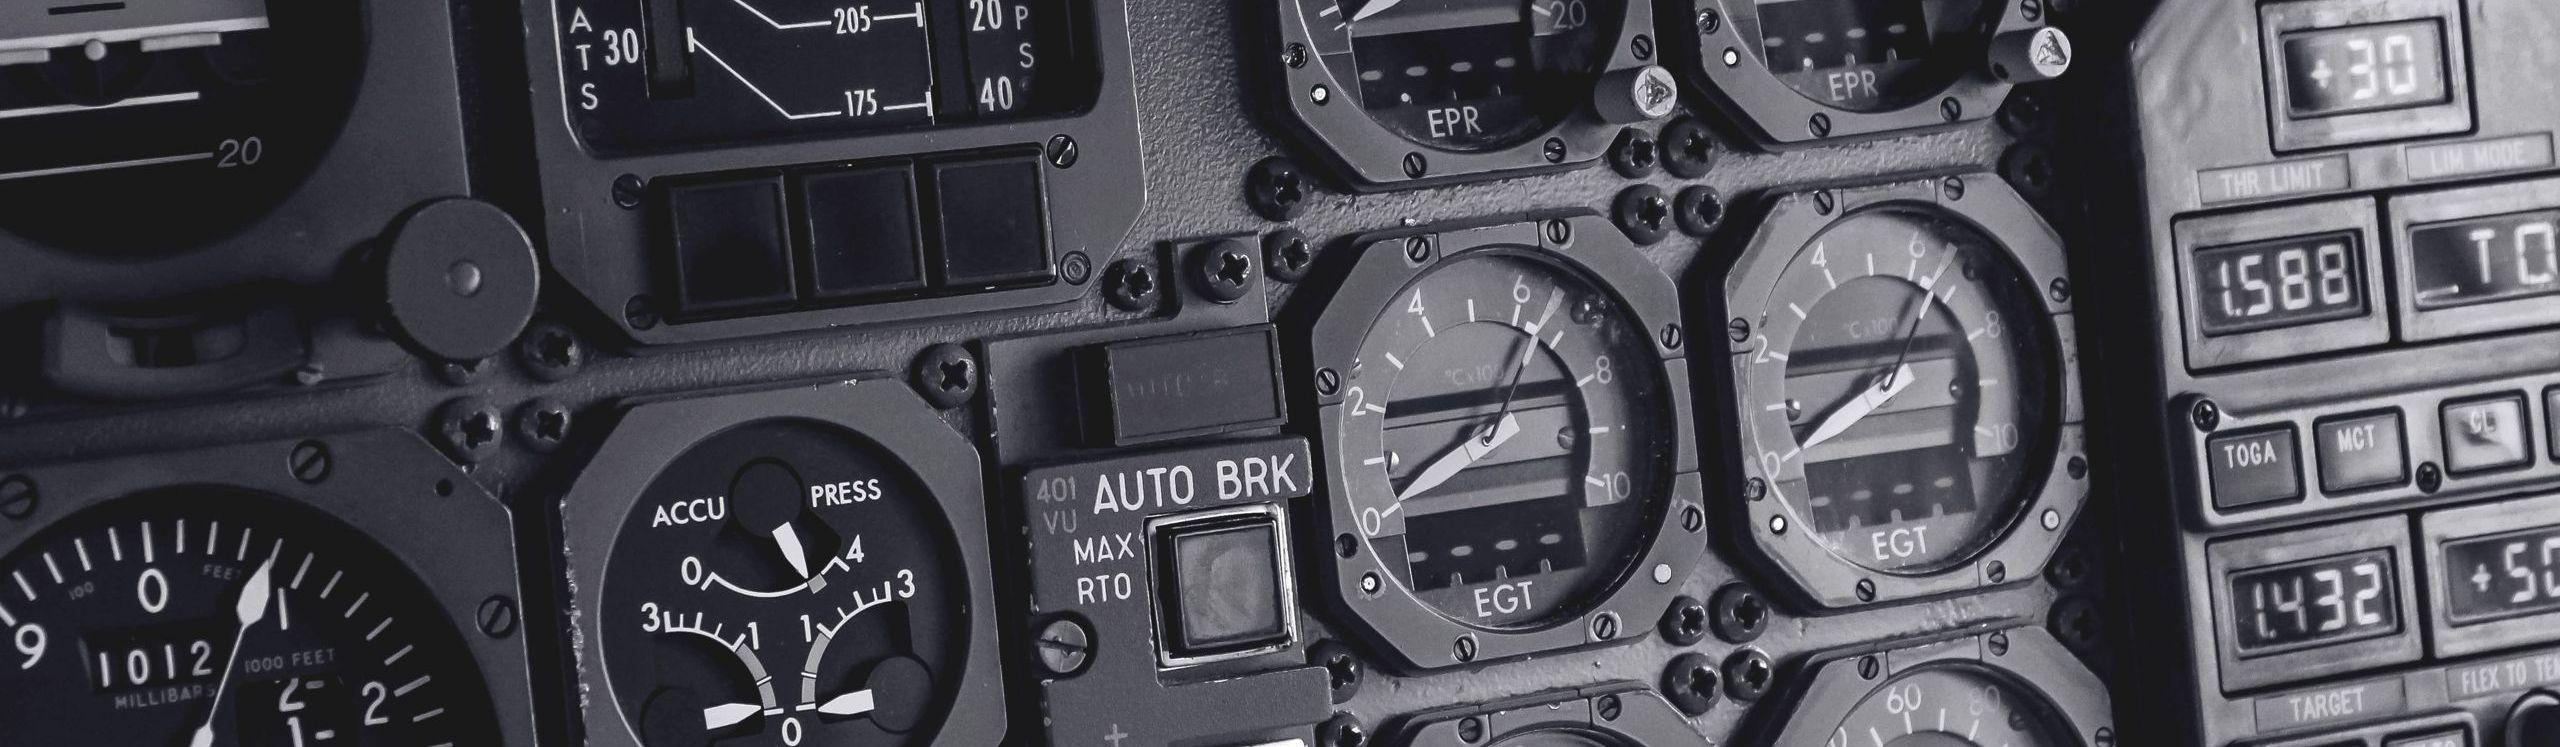 WebSLIDE_CUT_aviation2